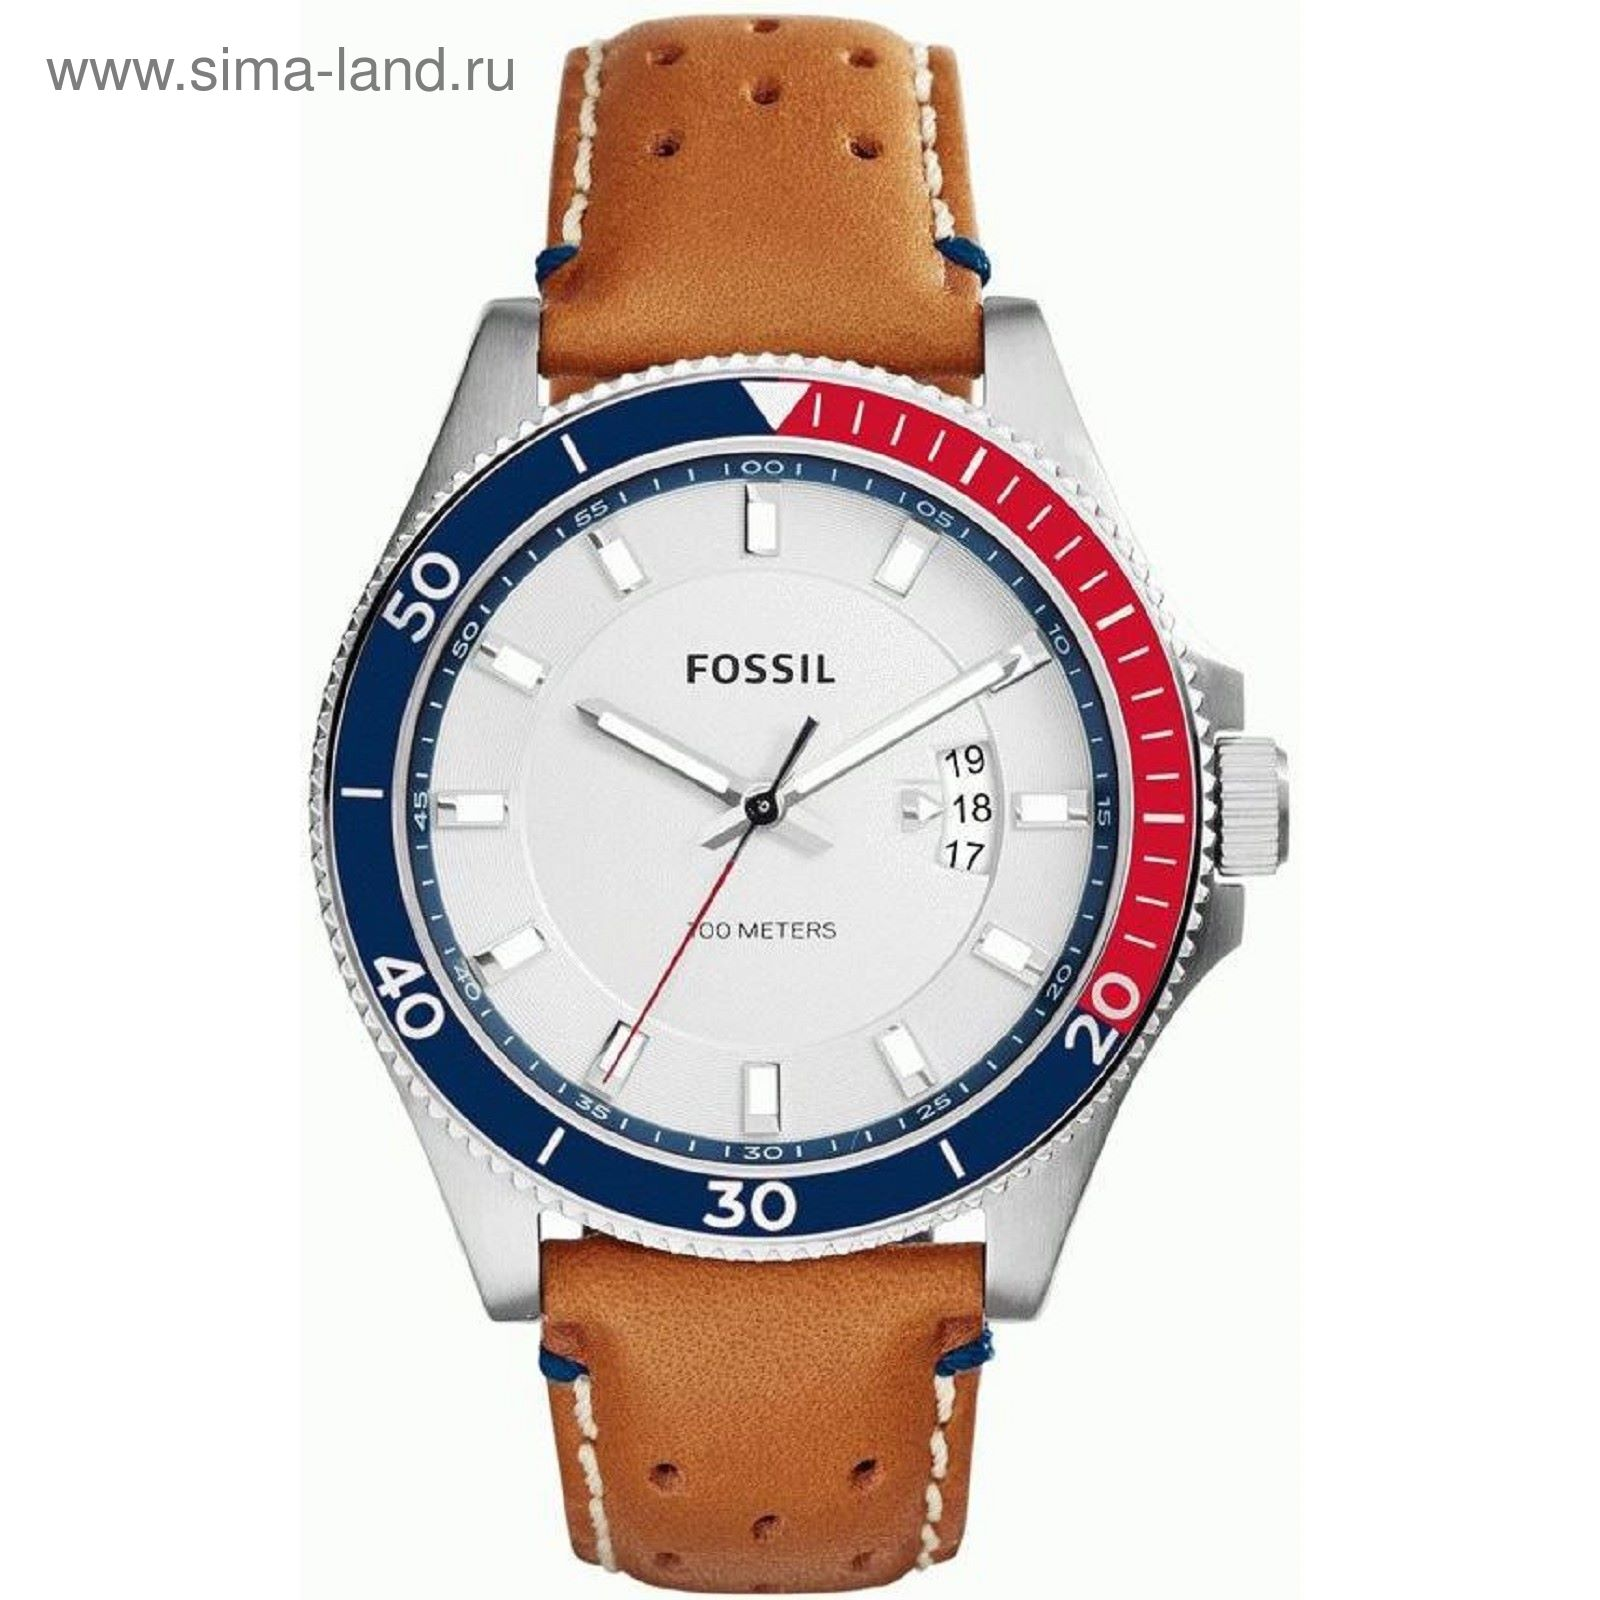 Часы наручные мужские водонепроницаемые екатеринбург купить наполеон наручные часы